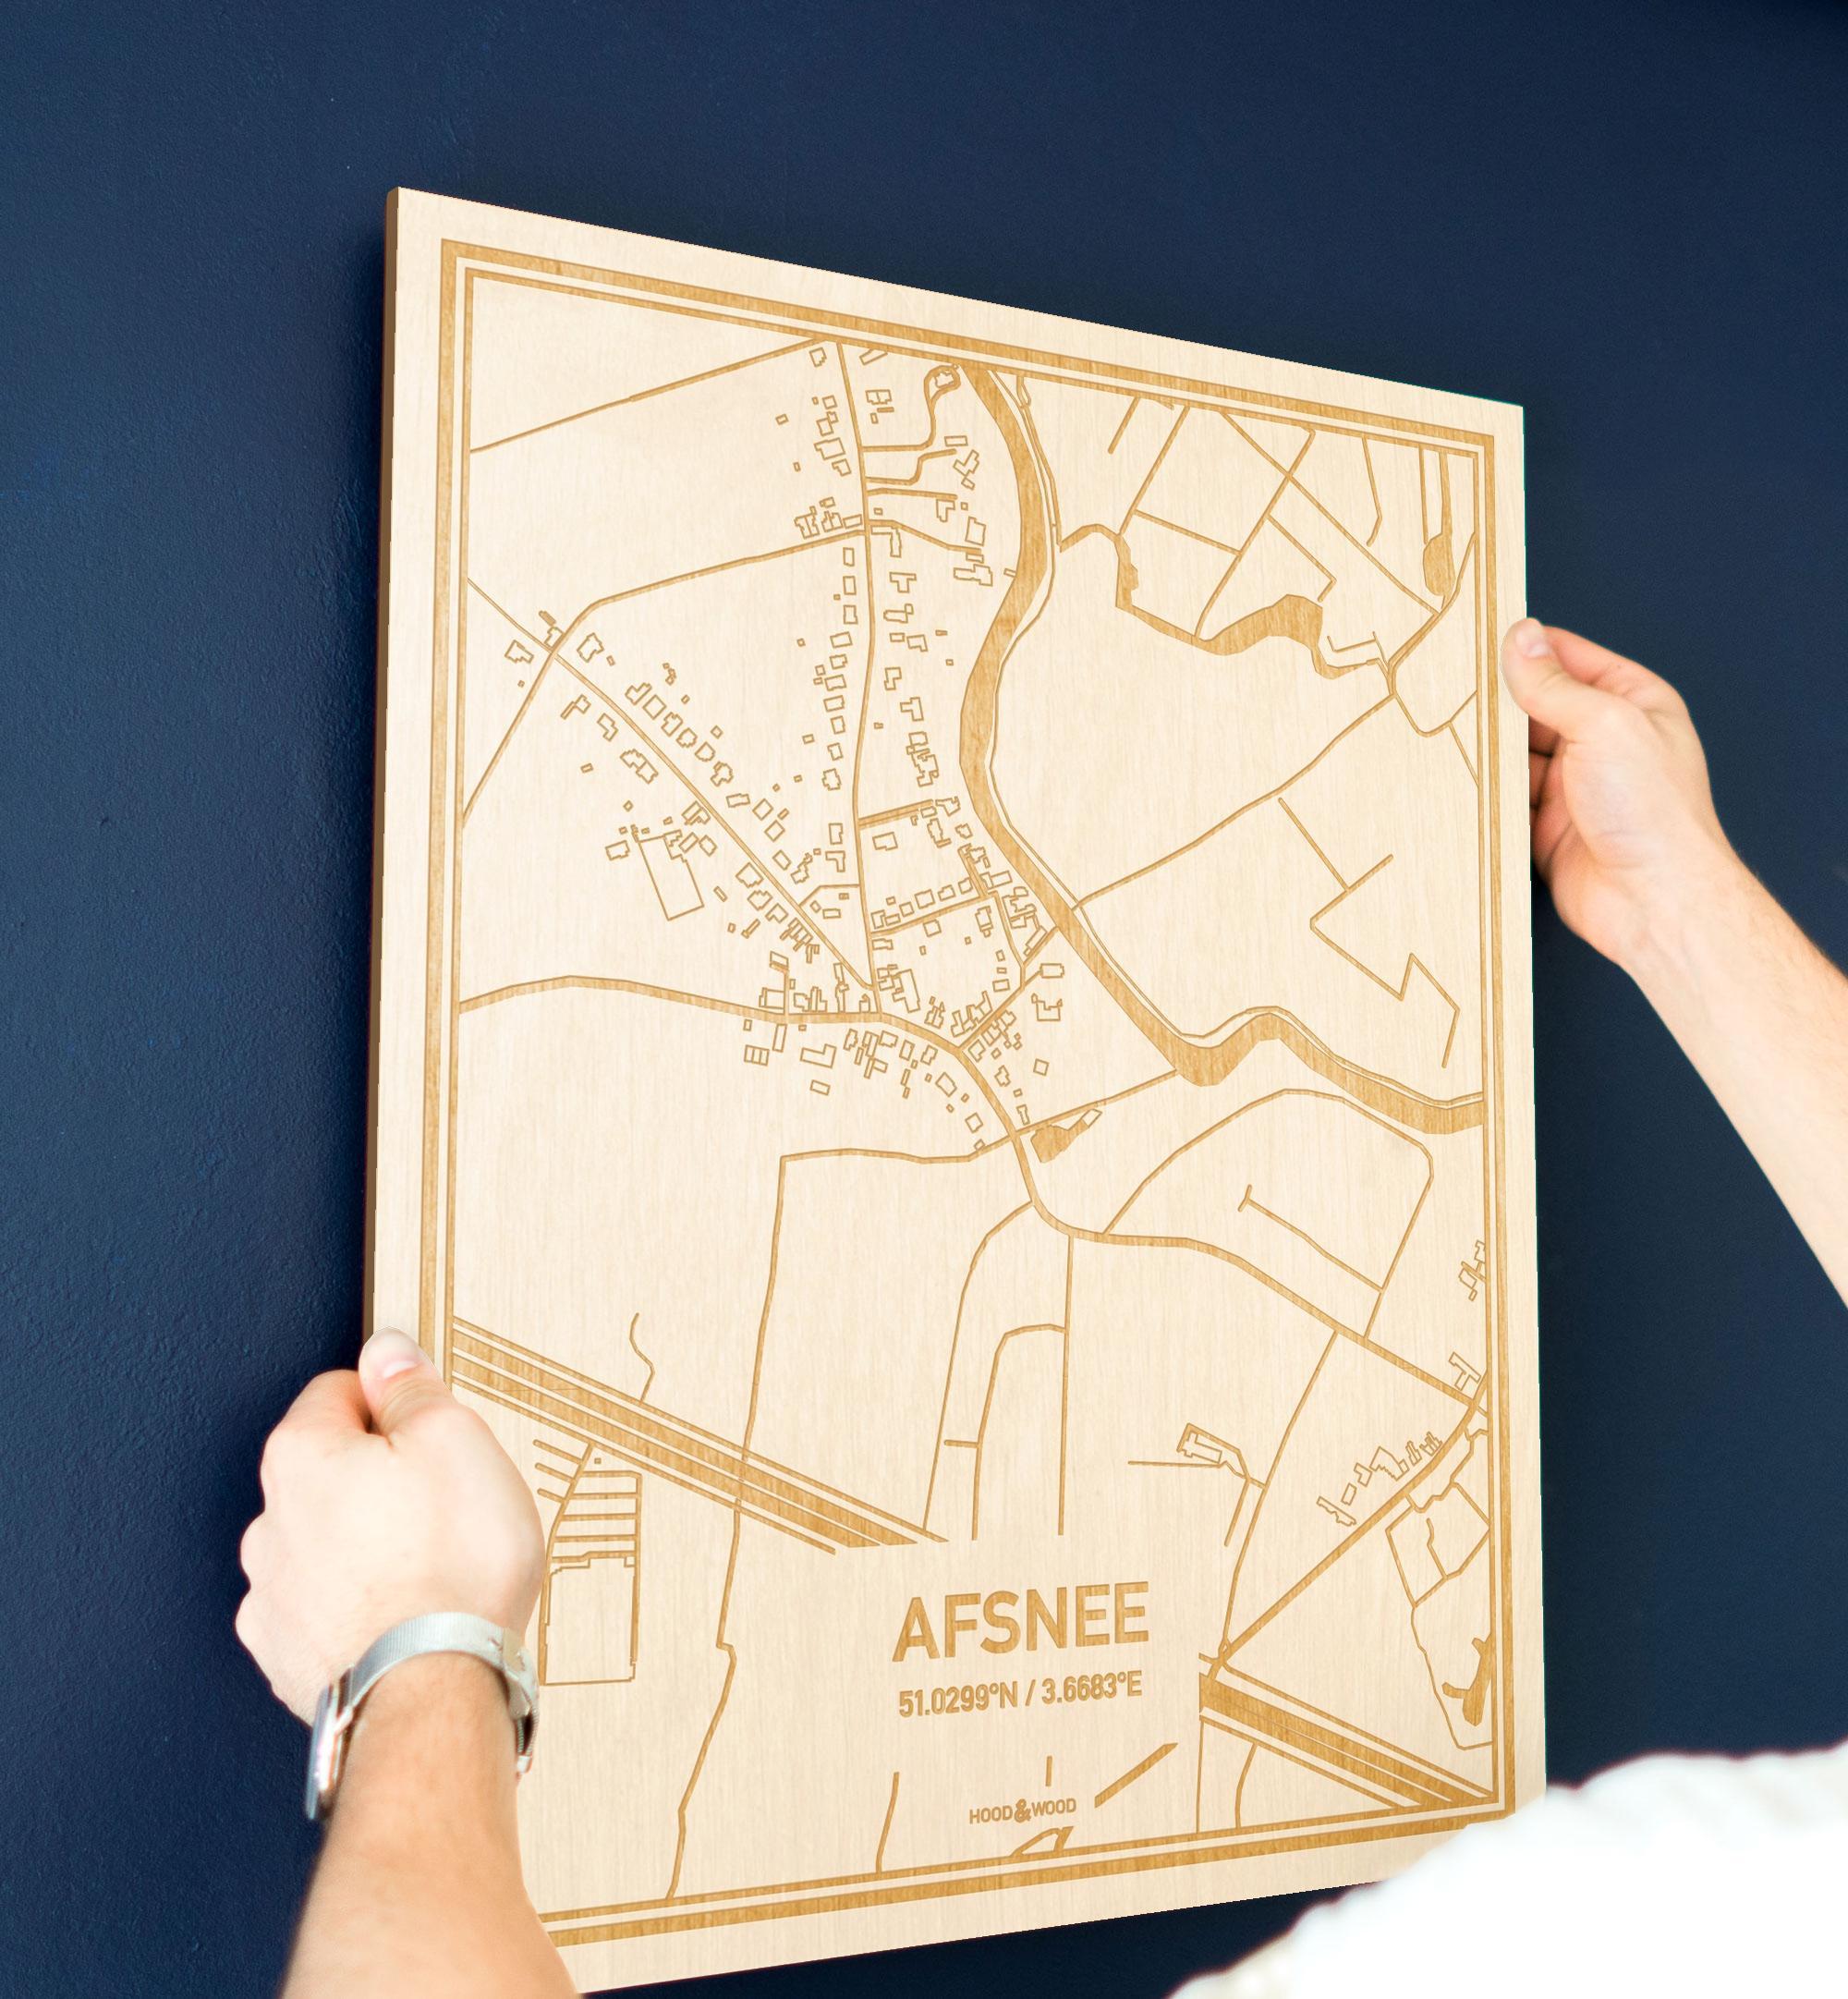 Een man hangt de houten plattegrond Afsnee aan zijn blauwe muur ter decoratie. Je ziet alleen zijn handen de kaart van deze originele in Oost-Vlaanderen  vasthouden.